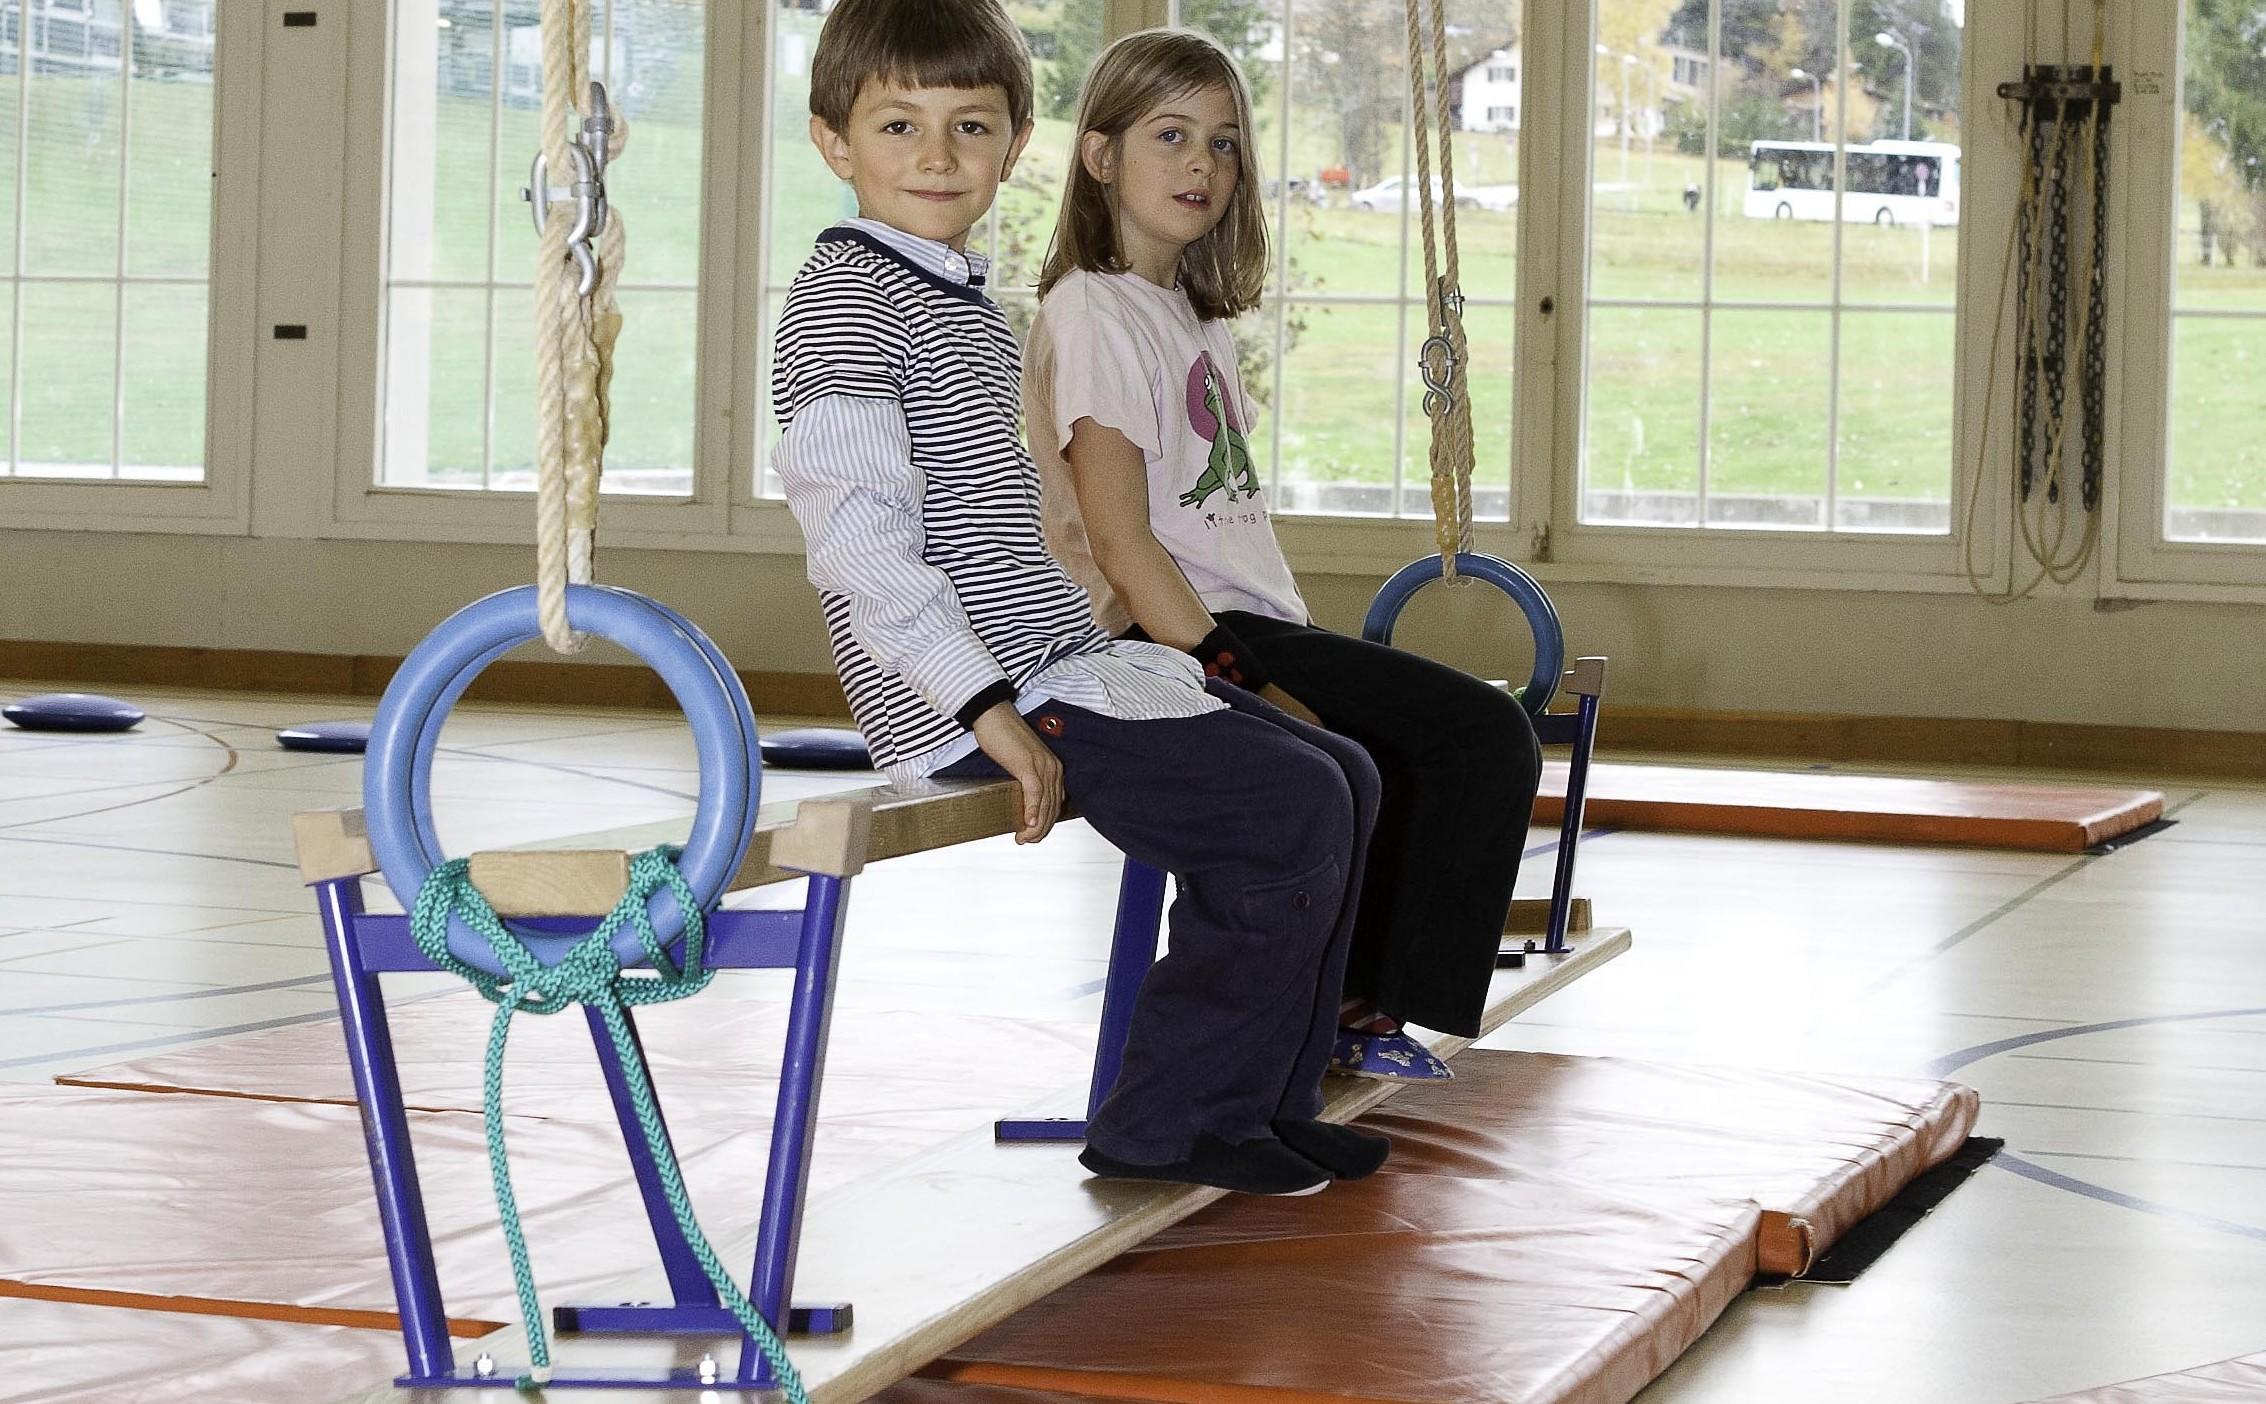 Kennenlernen sportunterricht Startseite - Sport - Schulen: Partner der Zukunft - PASCH-net